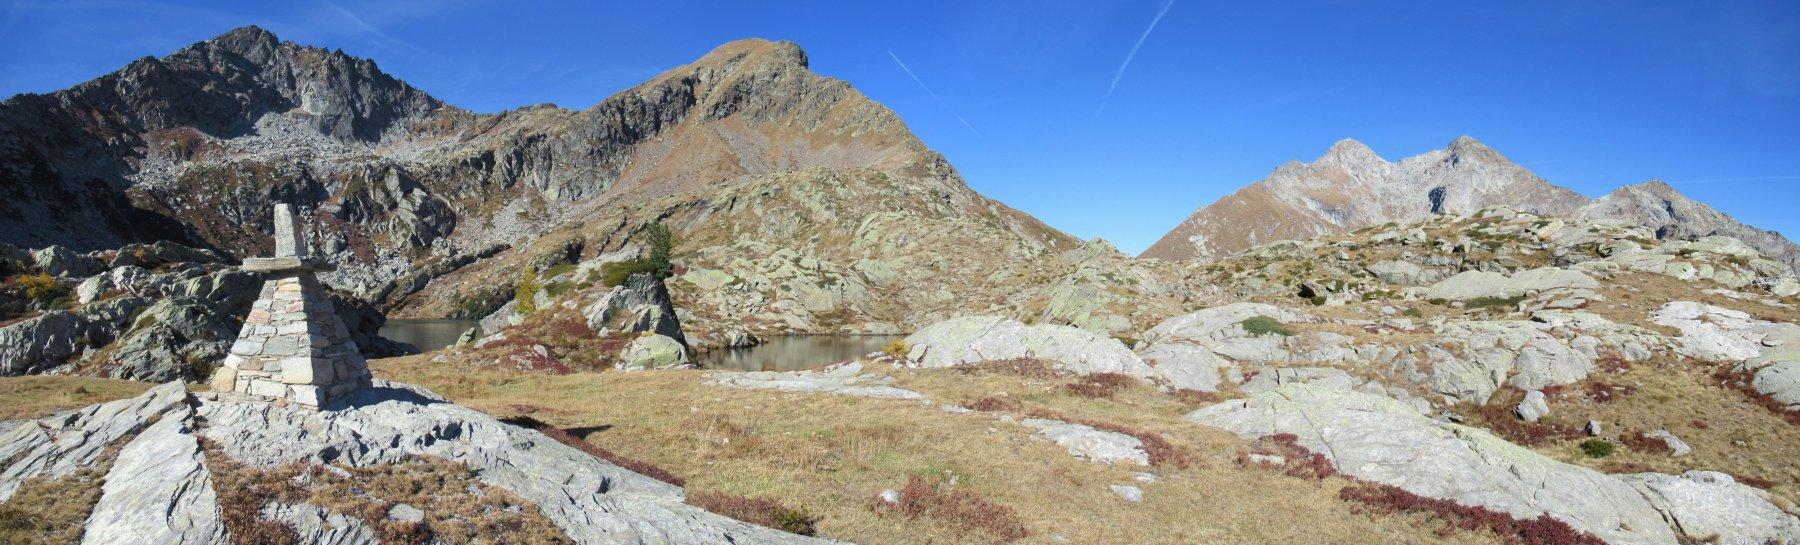 Piccoli Laghi con da sx Crabun, Corno del Lago e le Dame di Challand